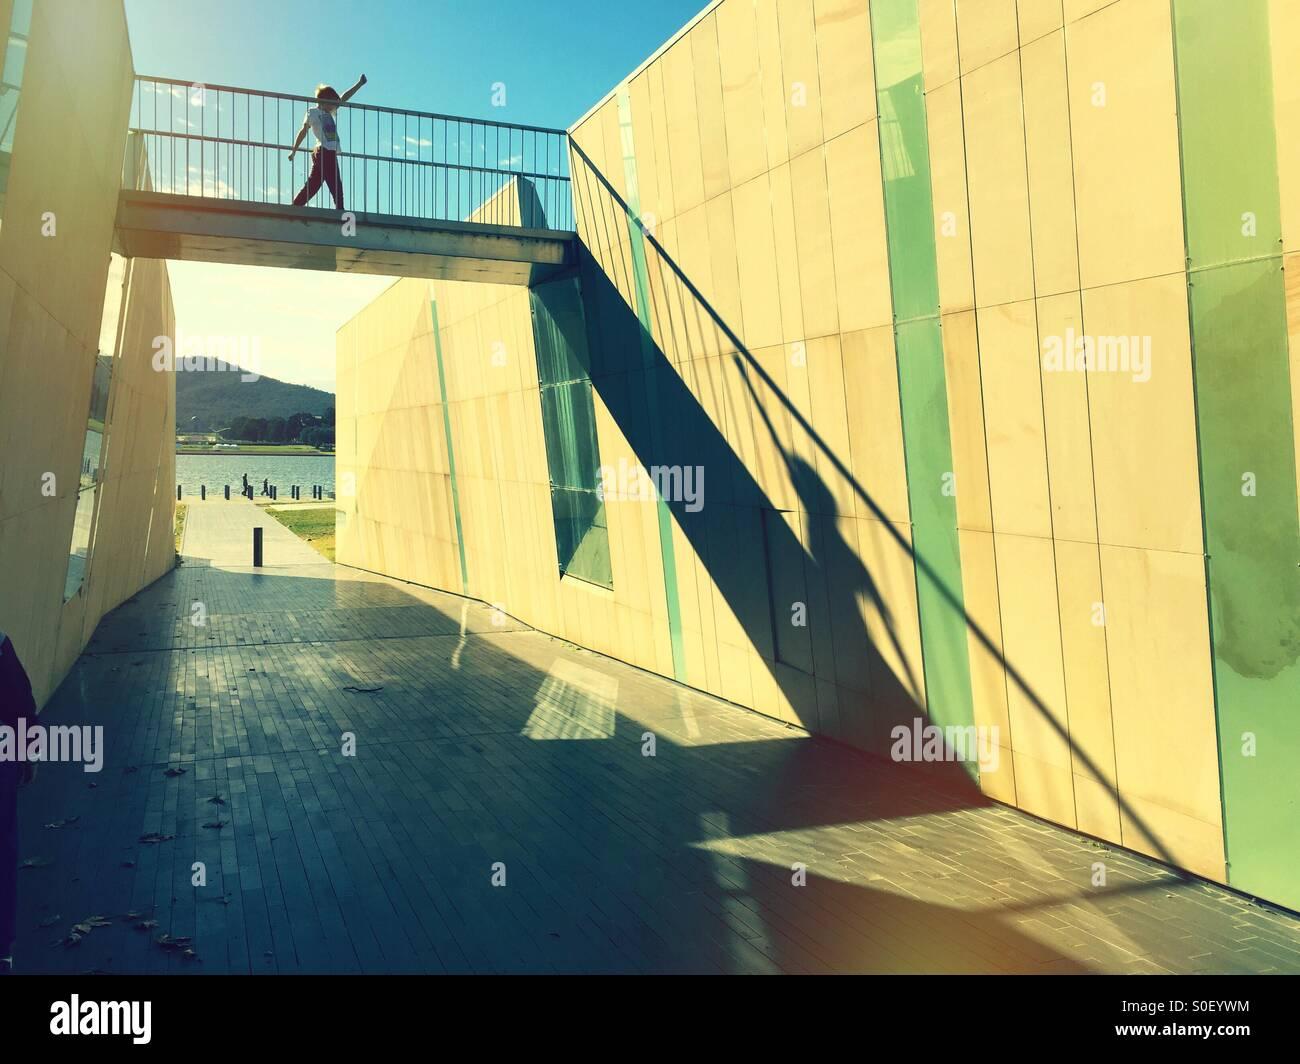 Un garçon enjamber un pont au-dessus d'un passage inférieur Banque D'Images